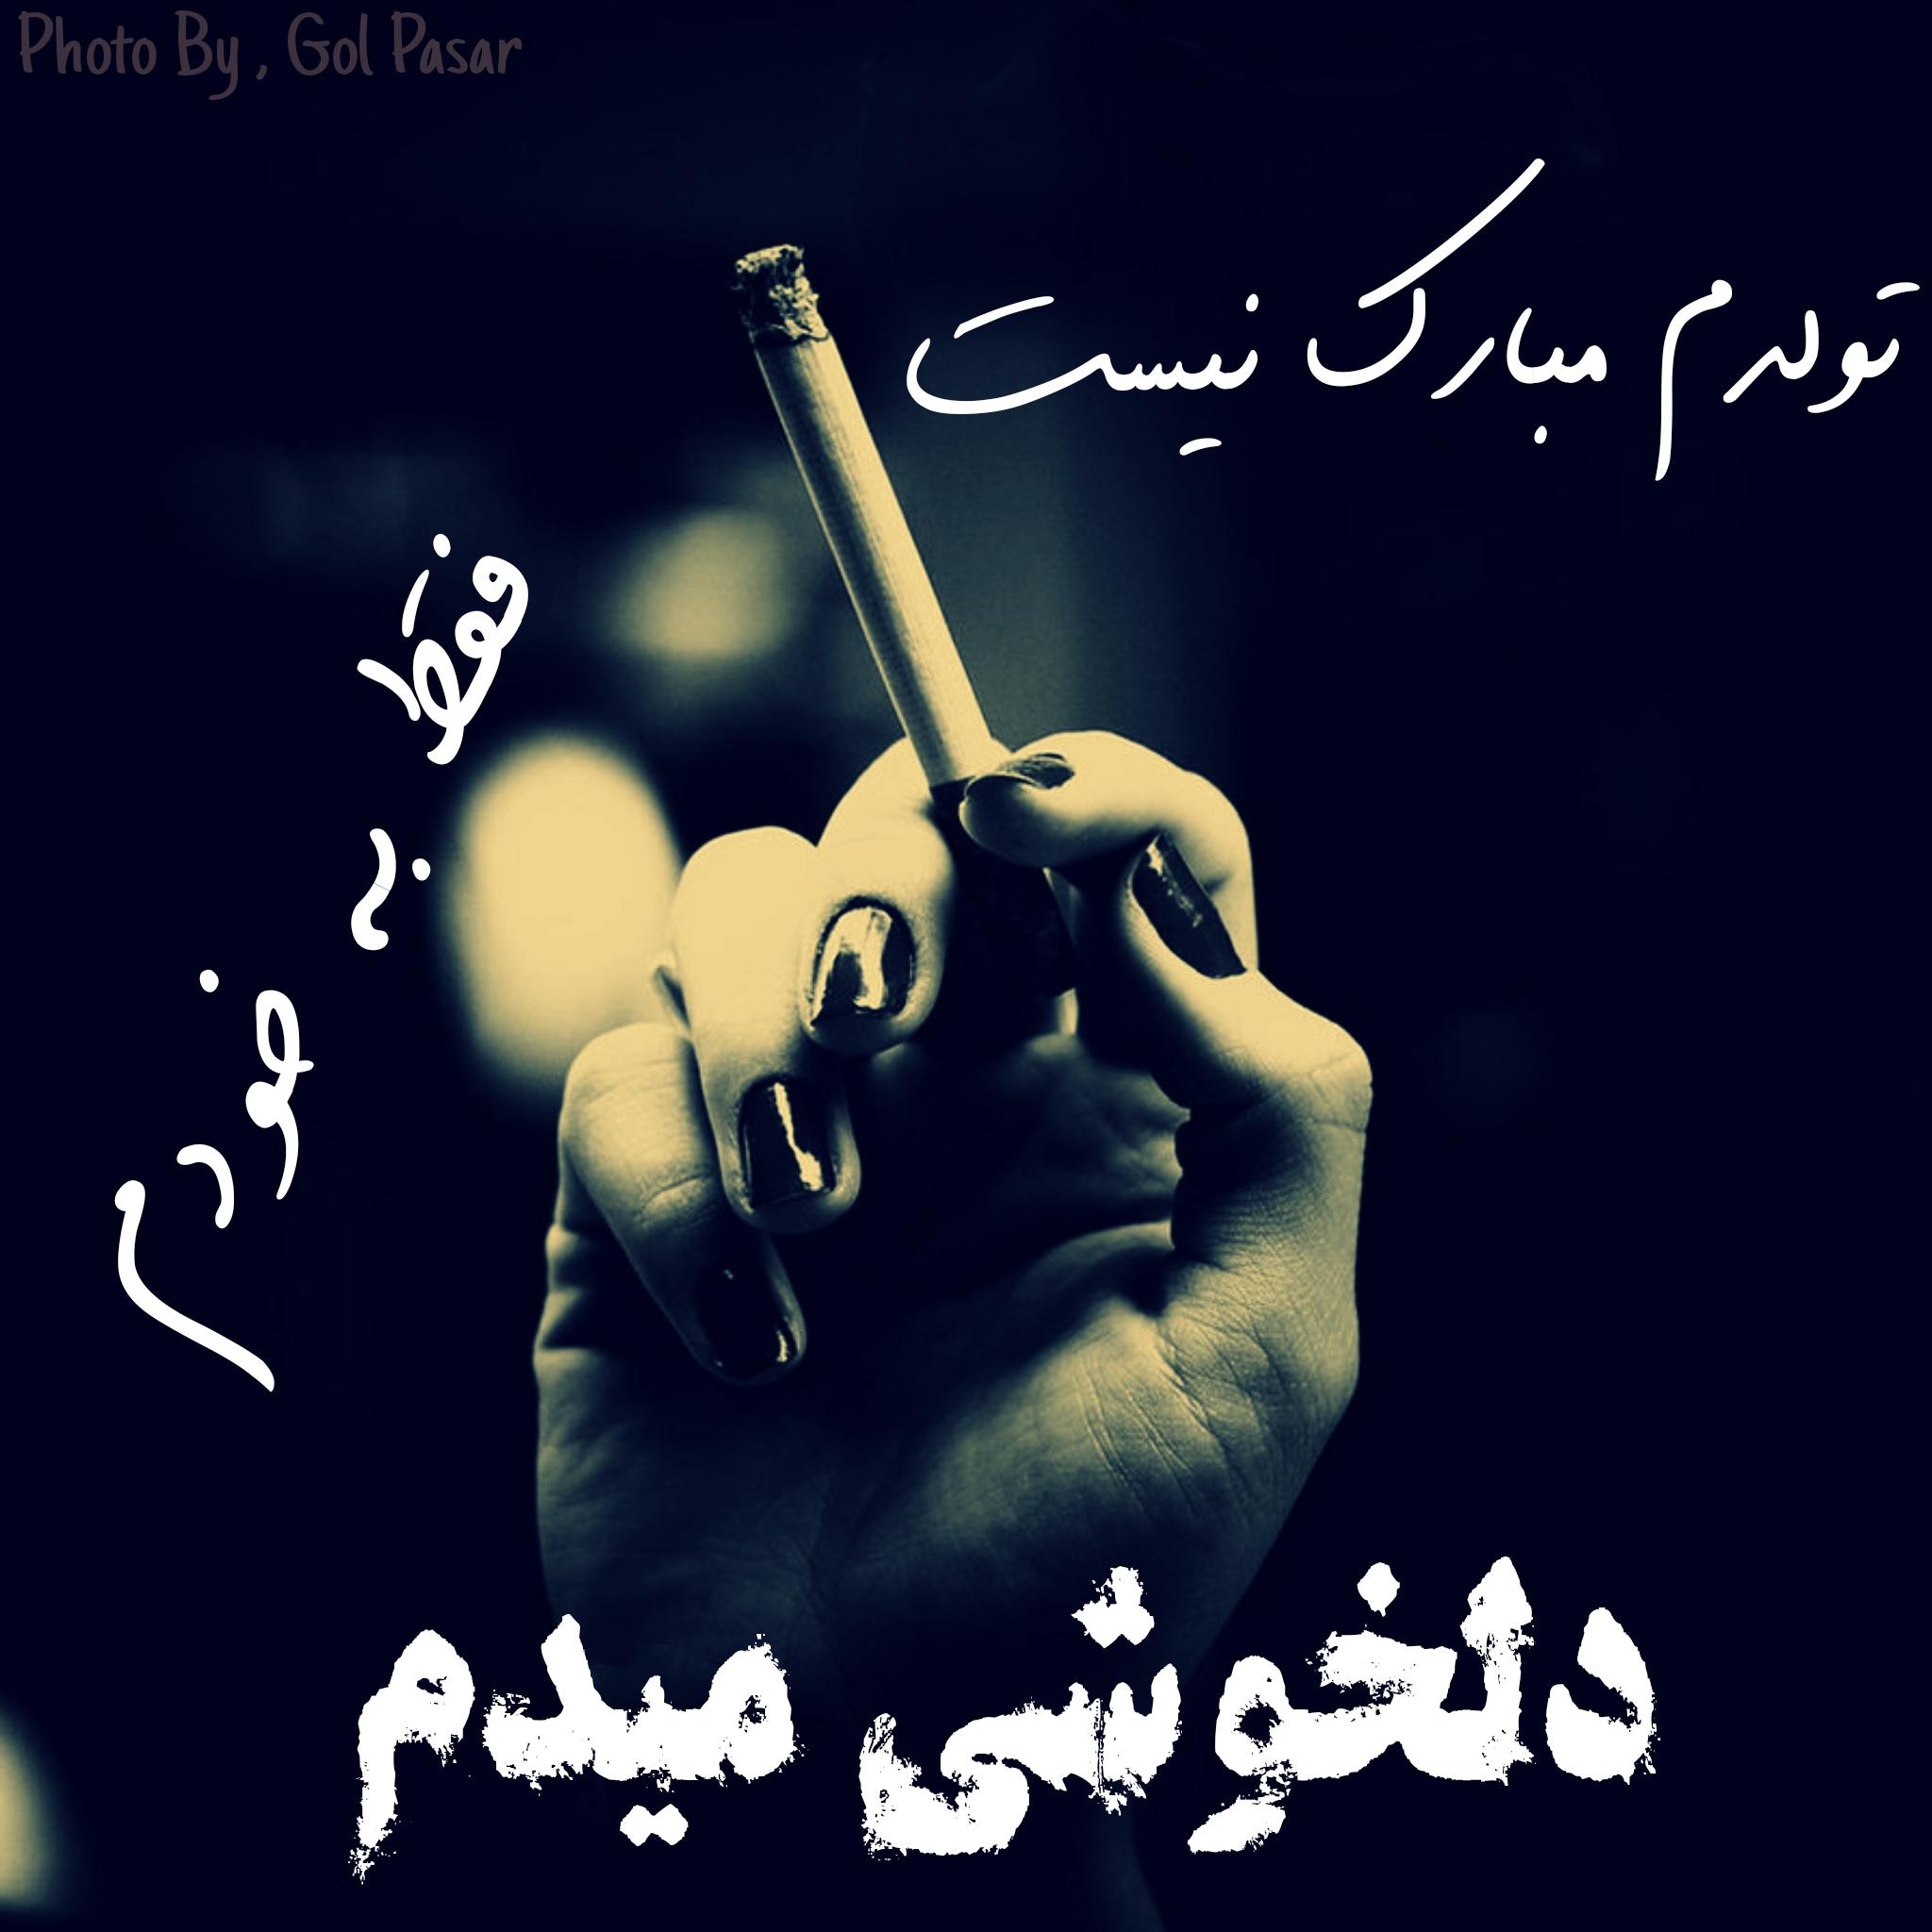 عکس تولدم مبارک – سایت عکس